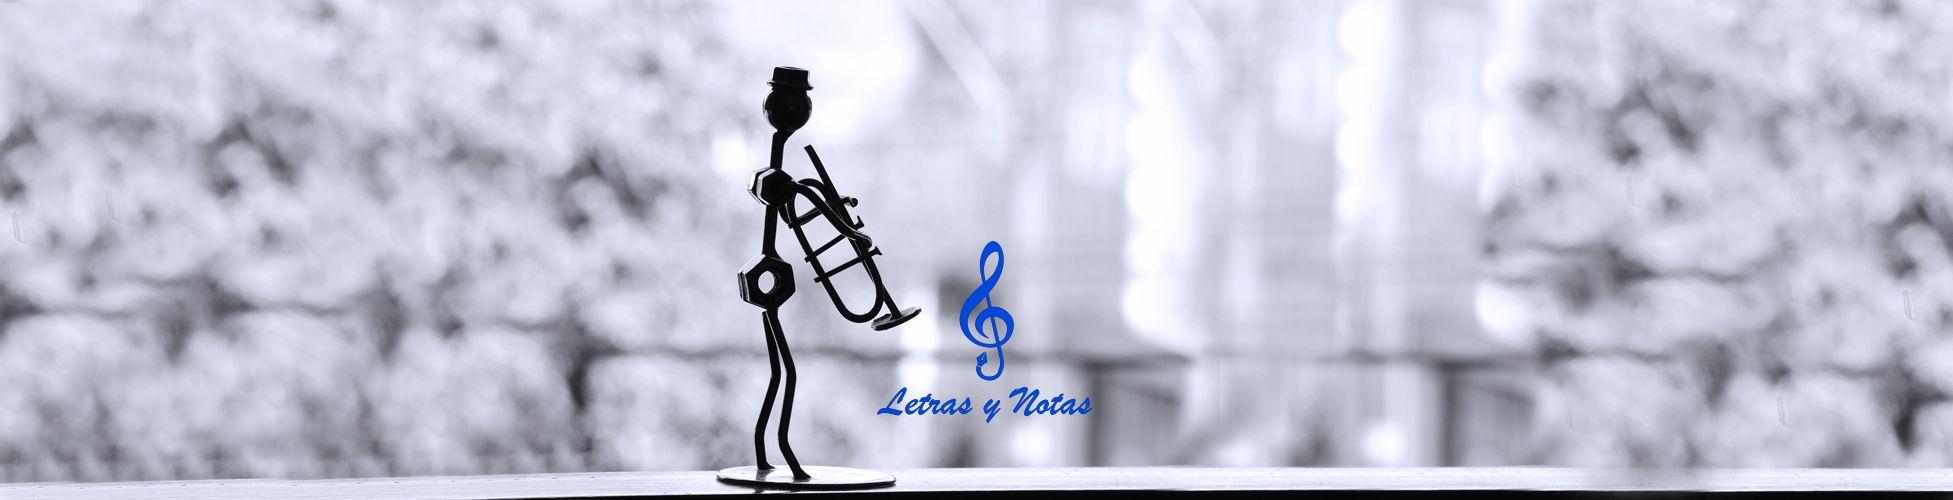 Podcasts de música en Letras y Notas